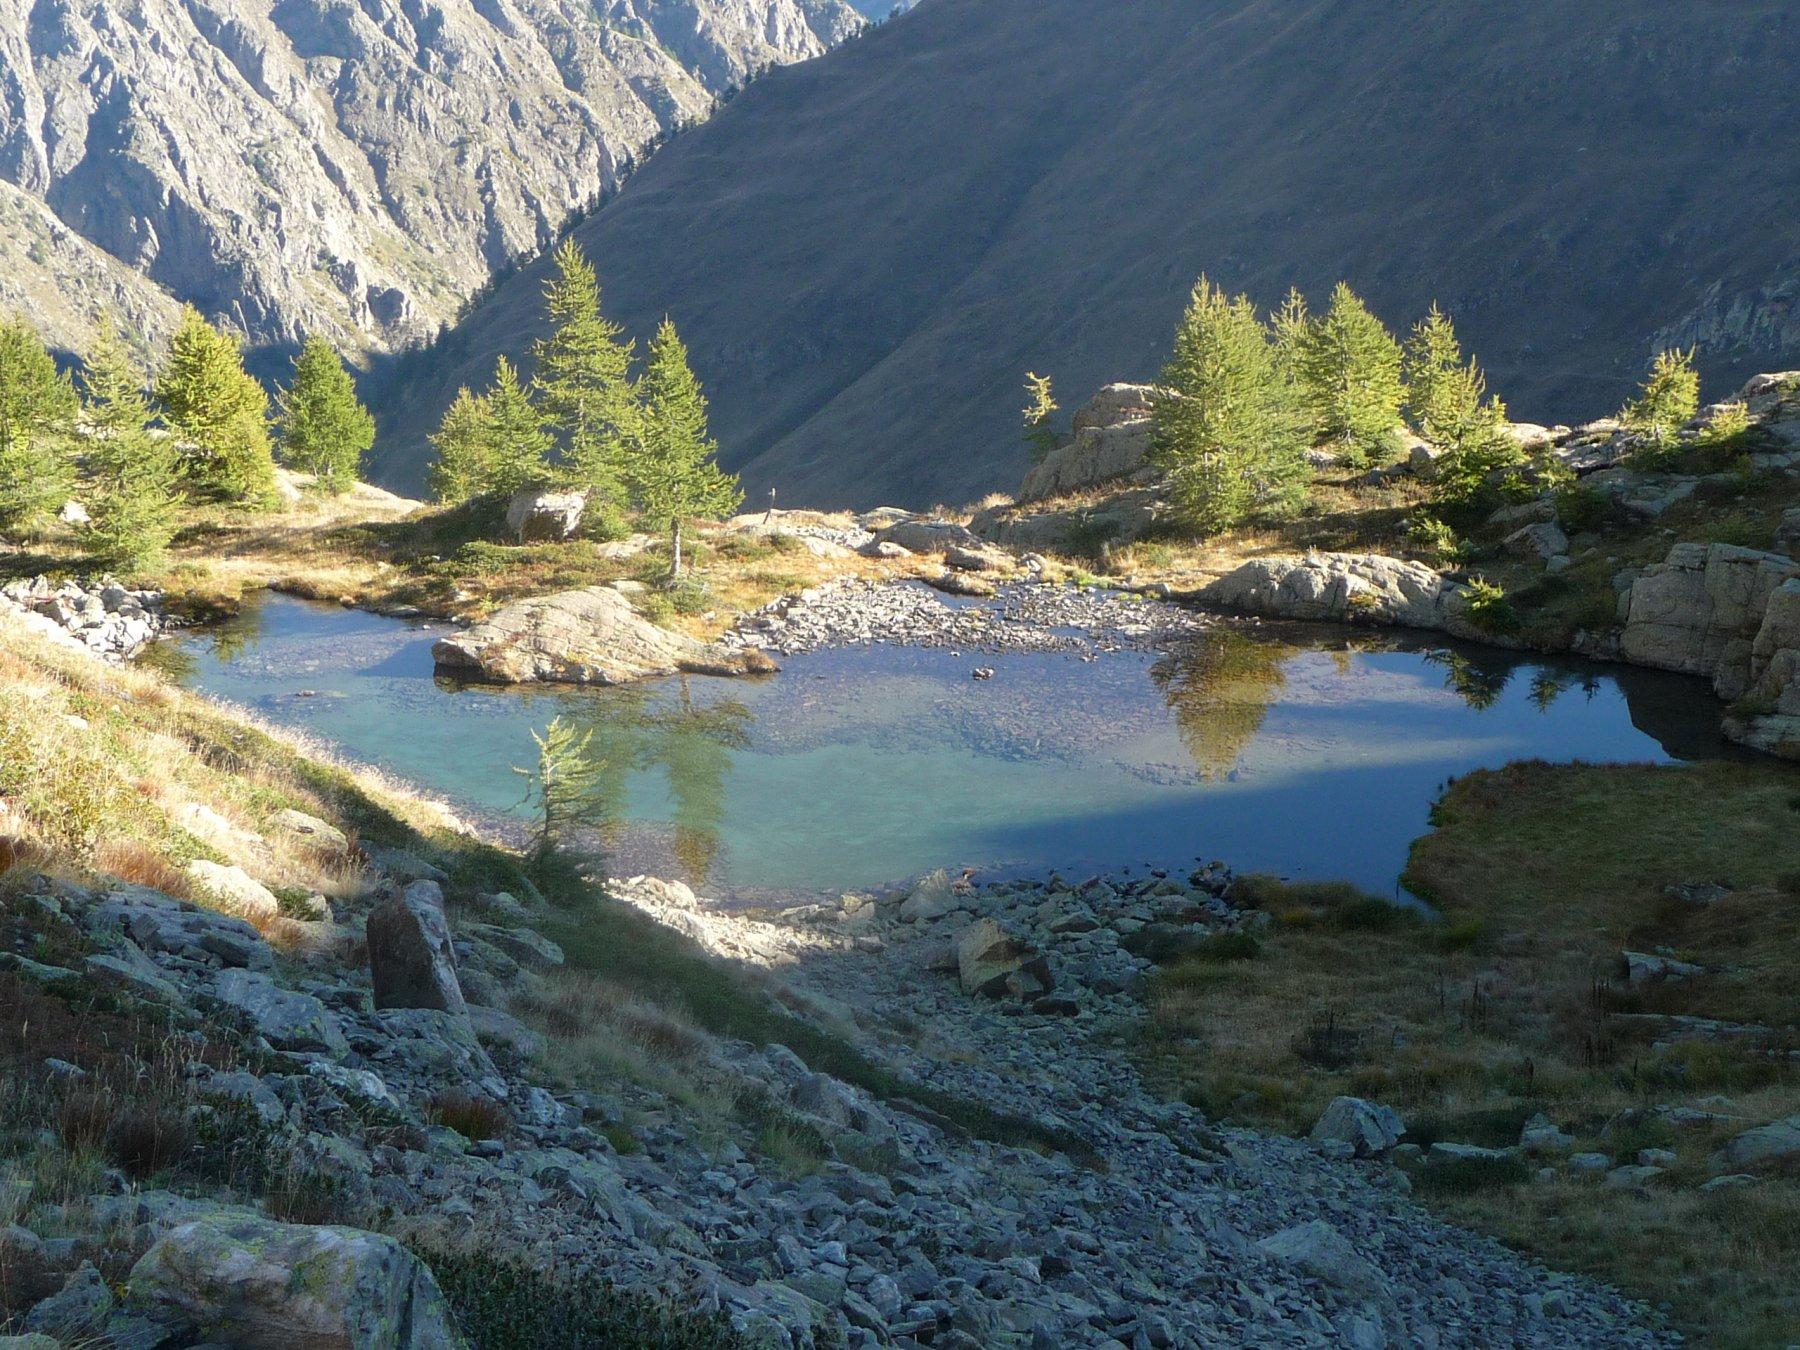 il delizioso laghetto Scolettas